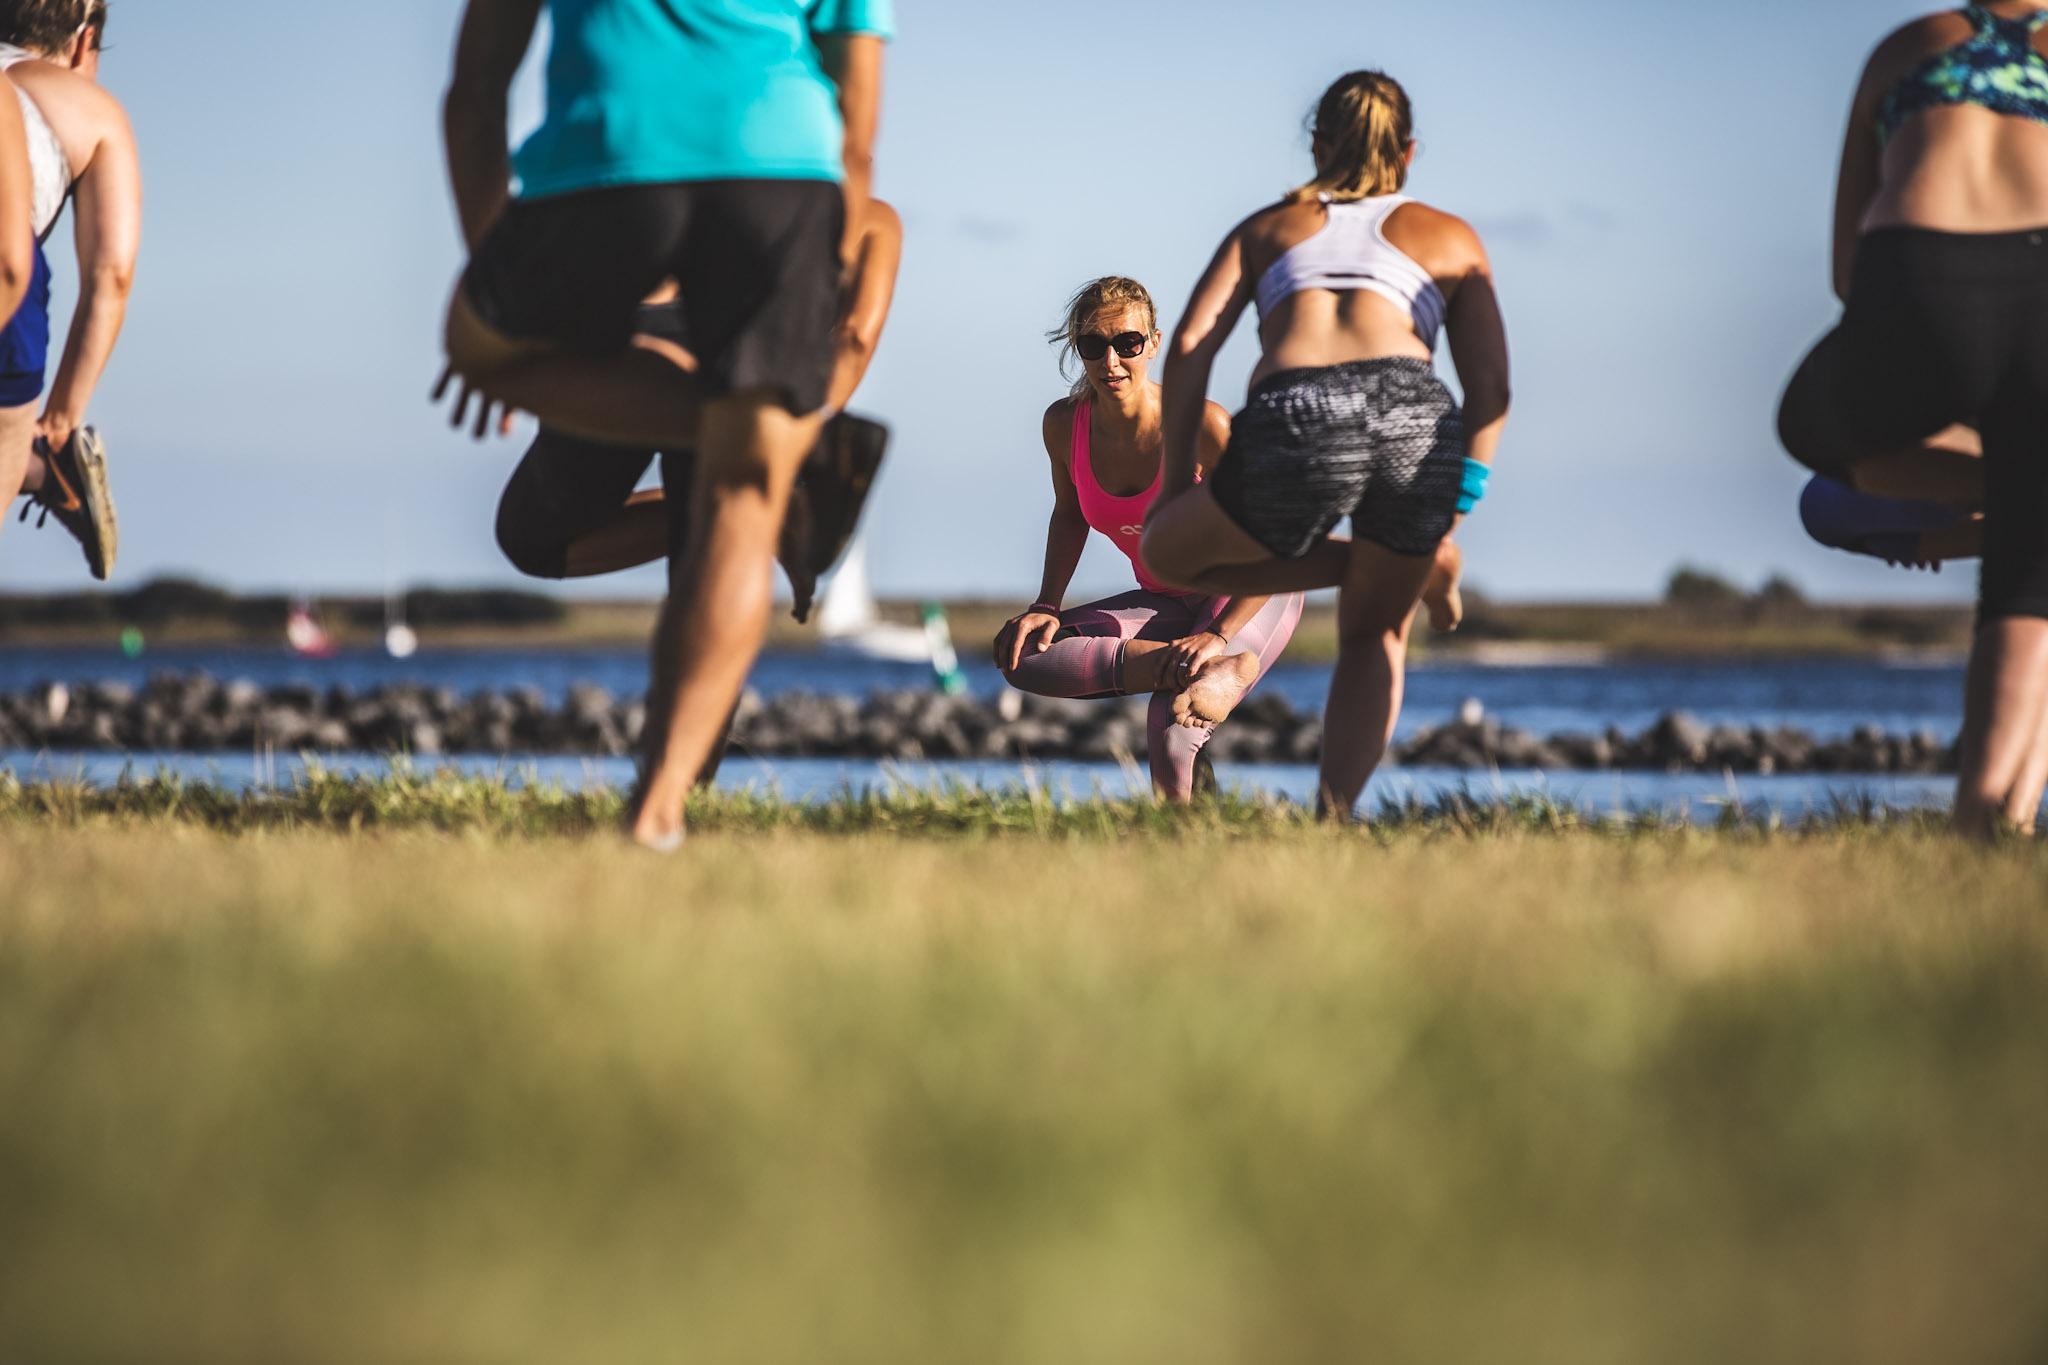 Fitnesssurlaub am Meer